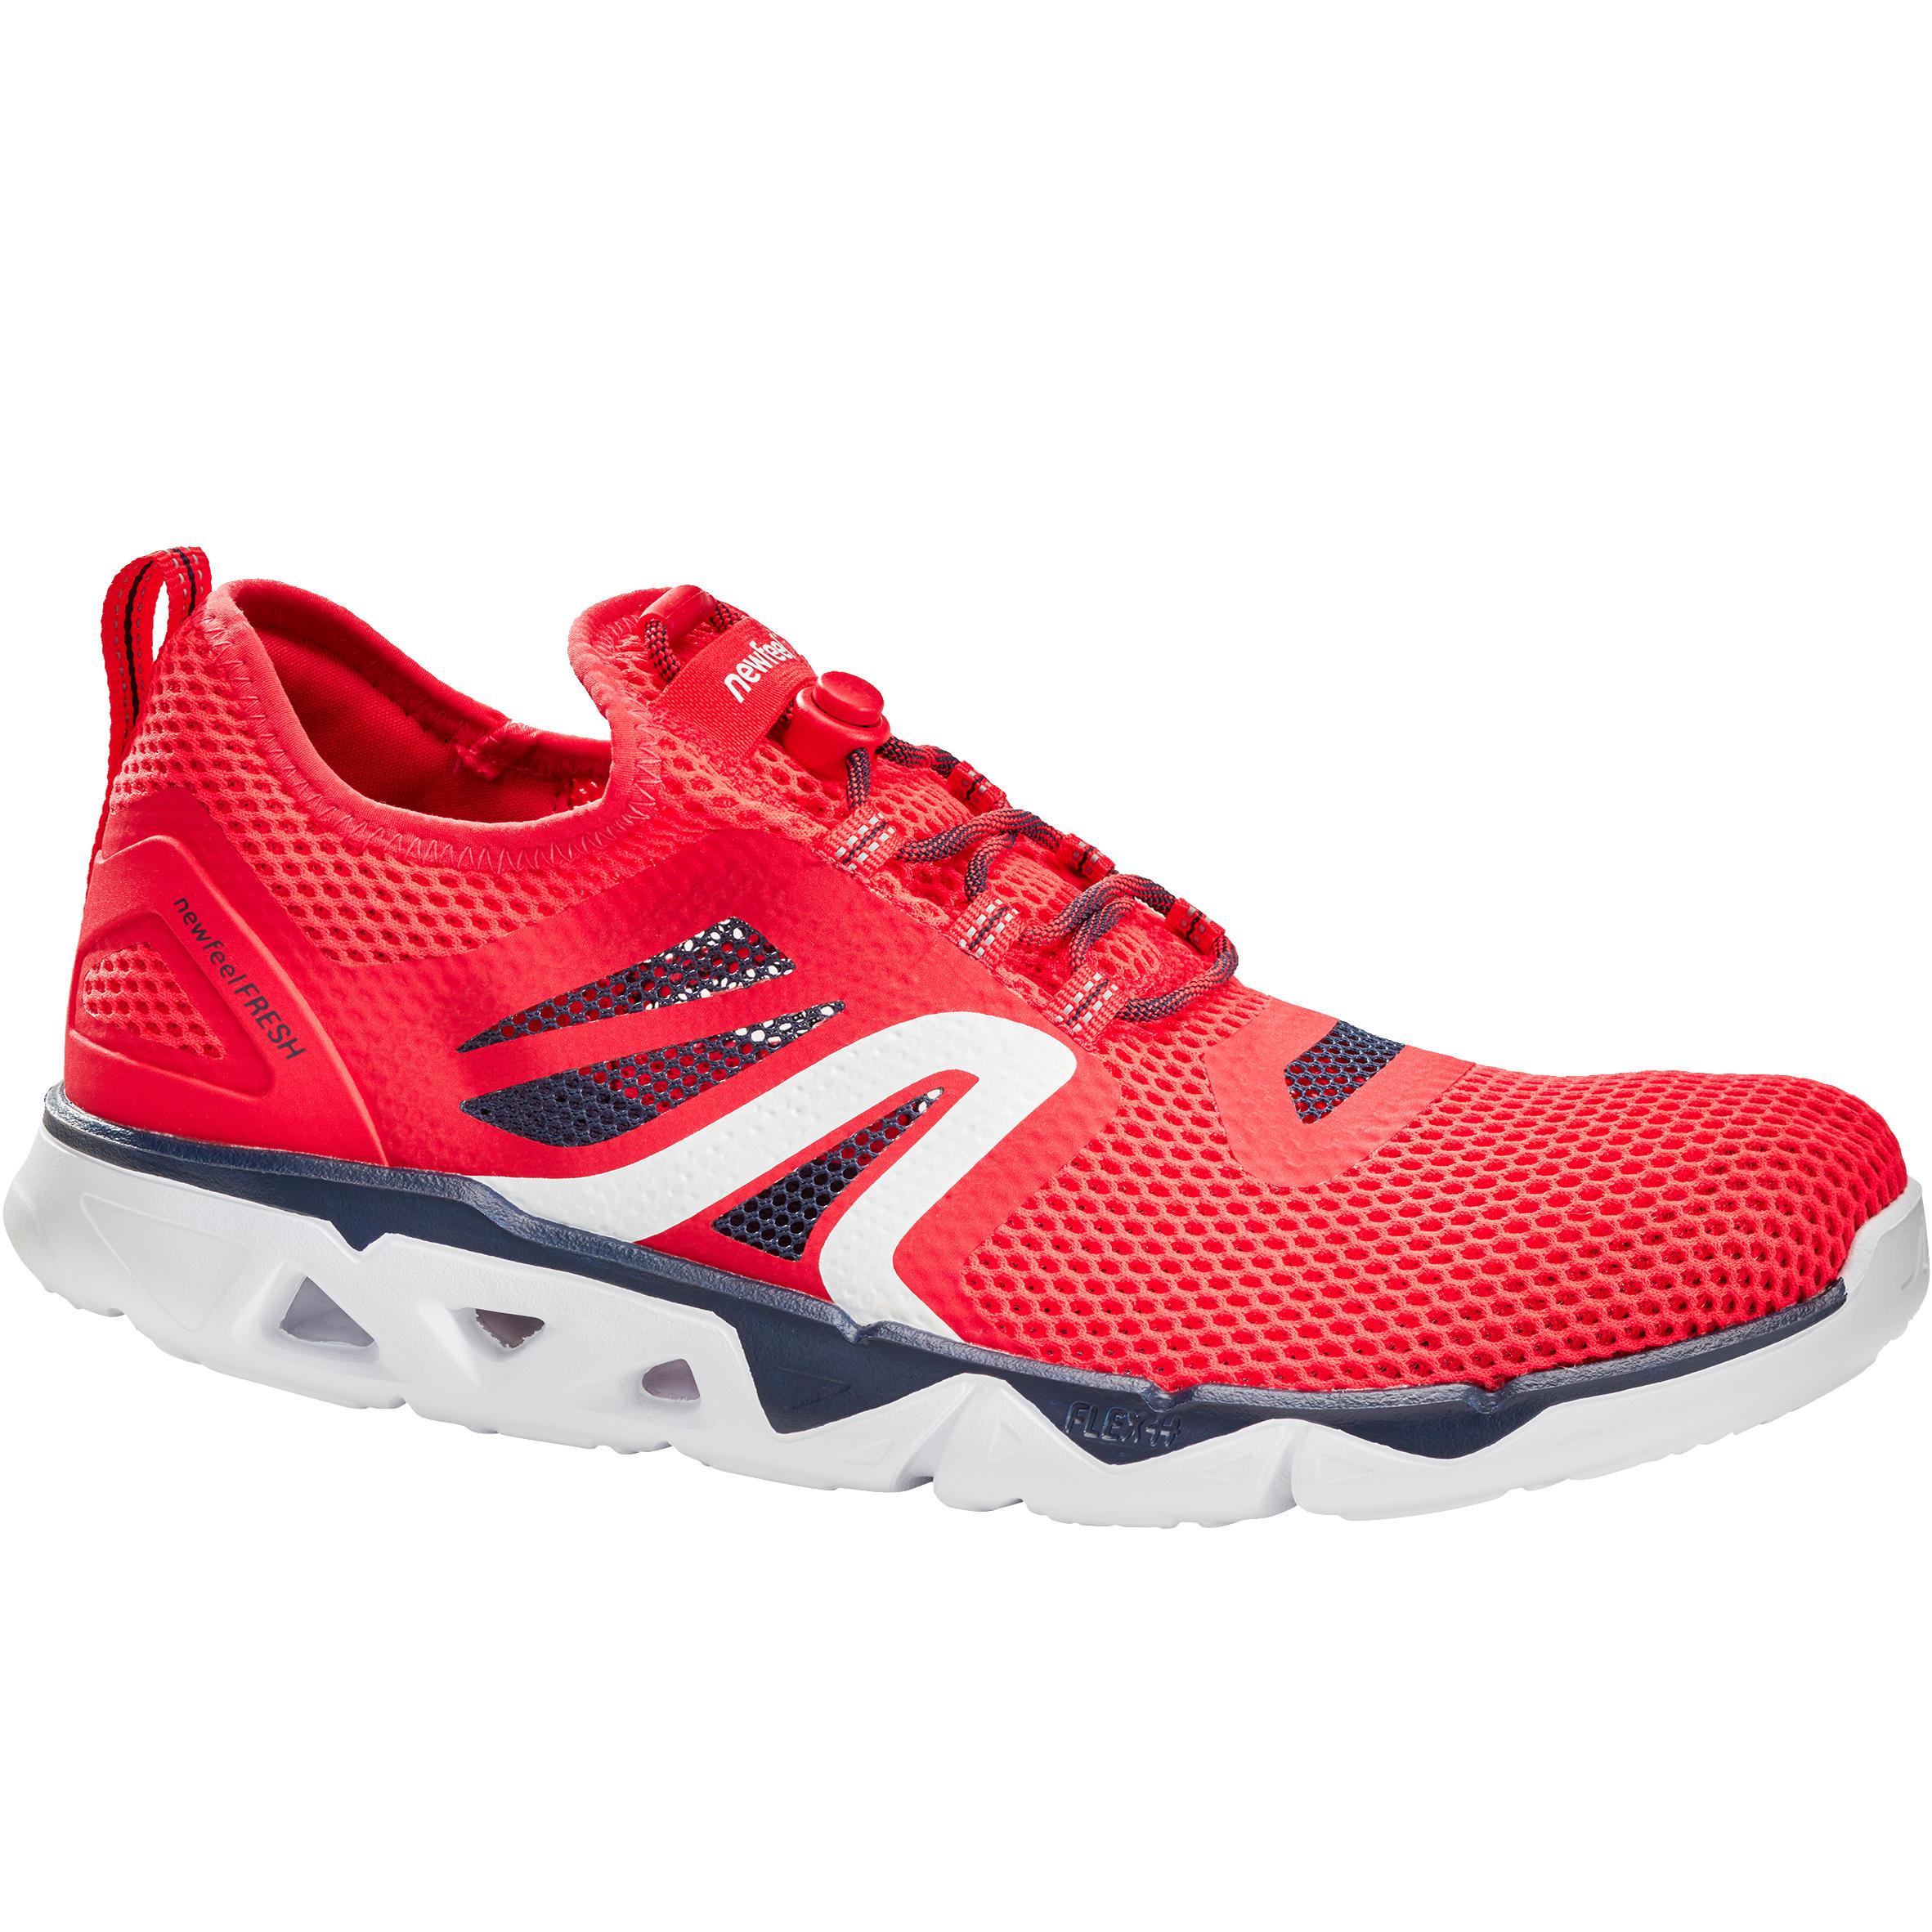 Newfeel Herensneakers voor sportief wandelen PW 500 Fresh rood